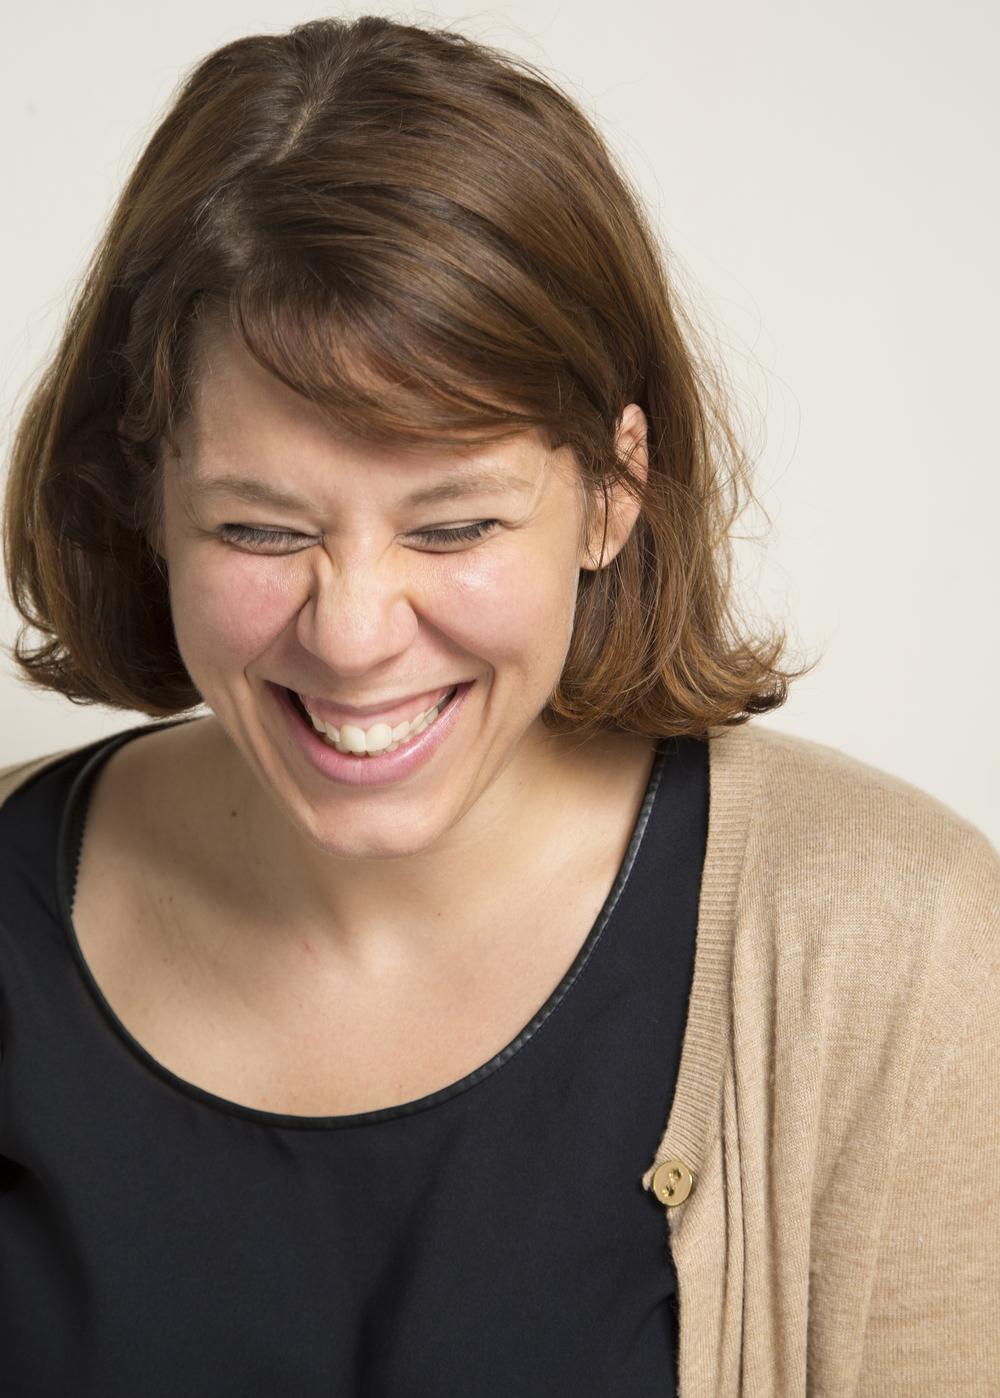 Emily Isovitsch